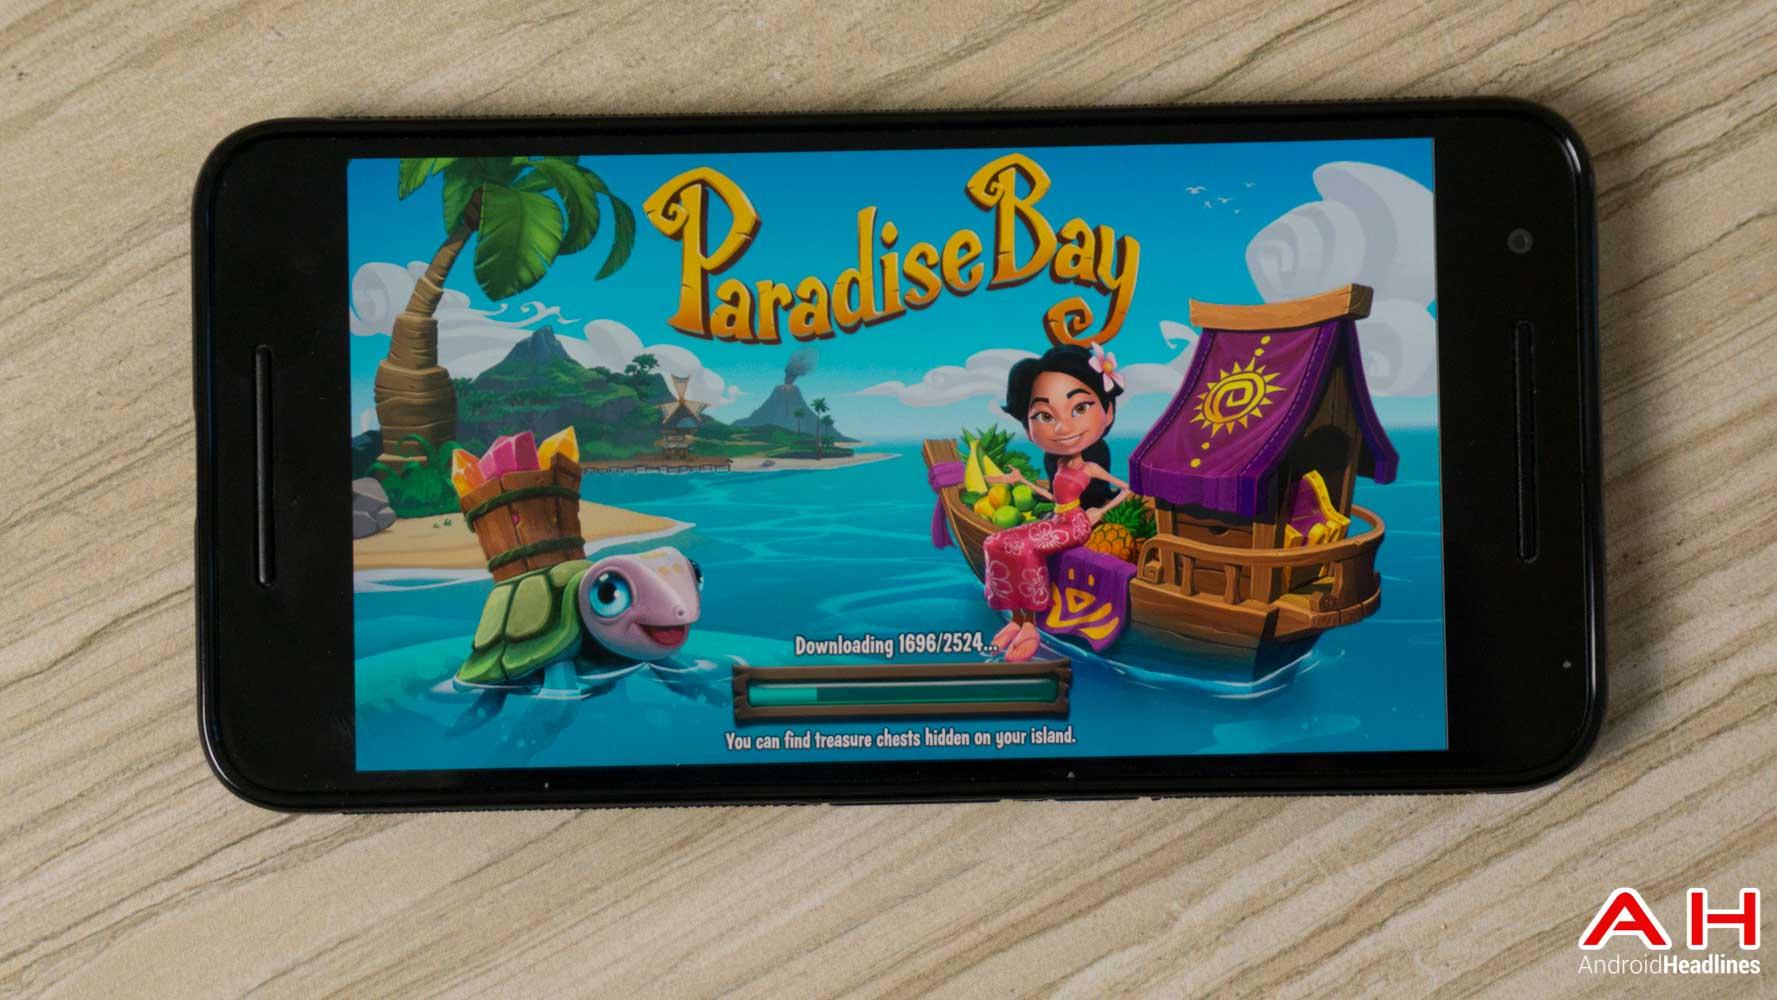 Paradise-Bay-AH-00115